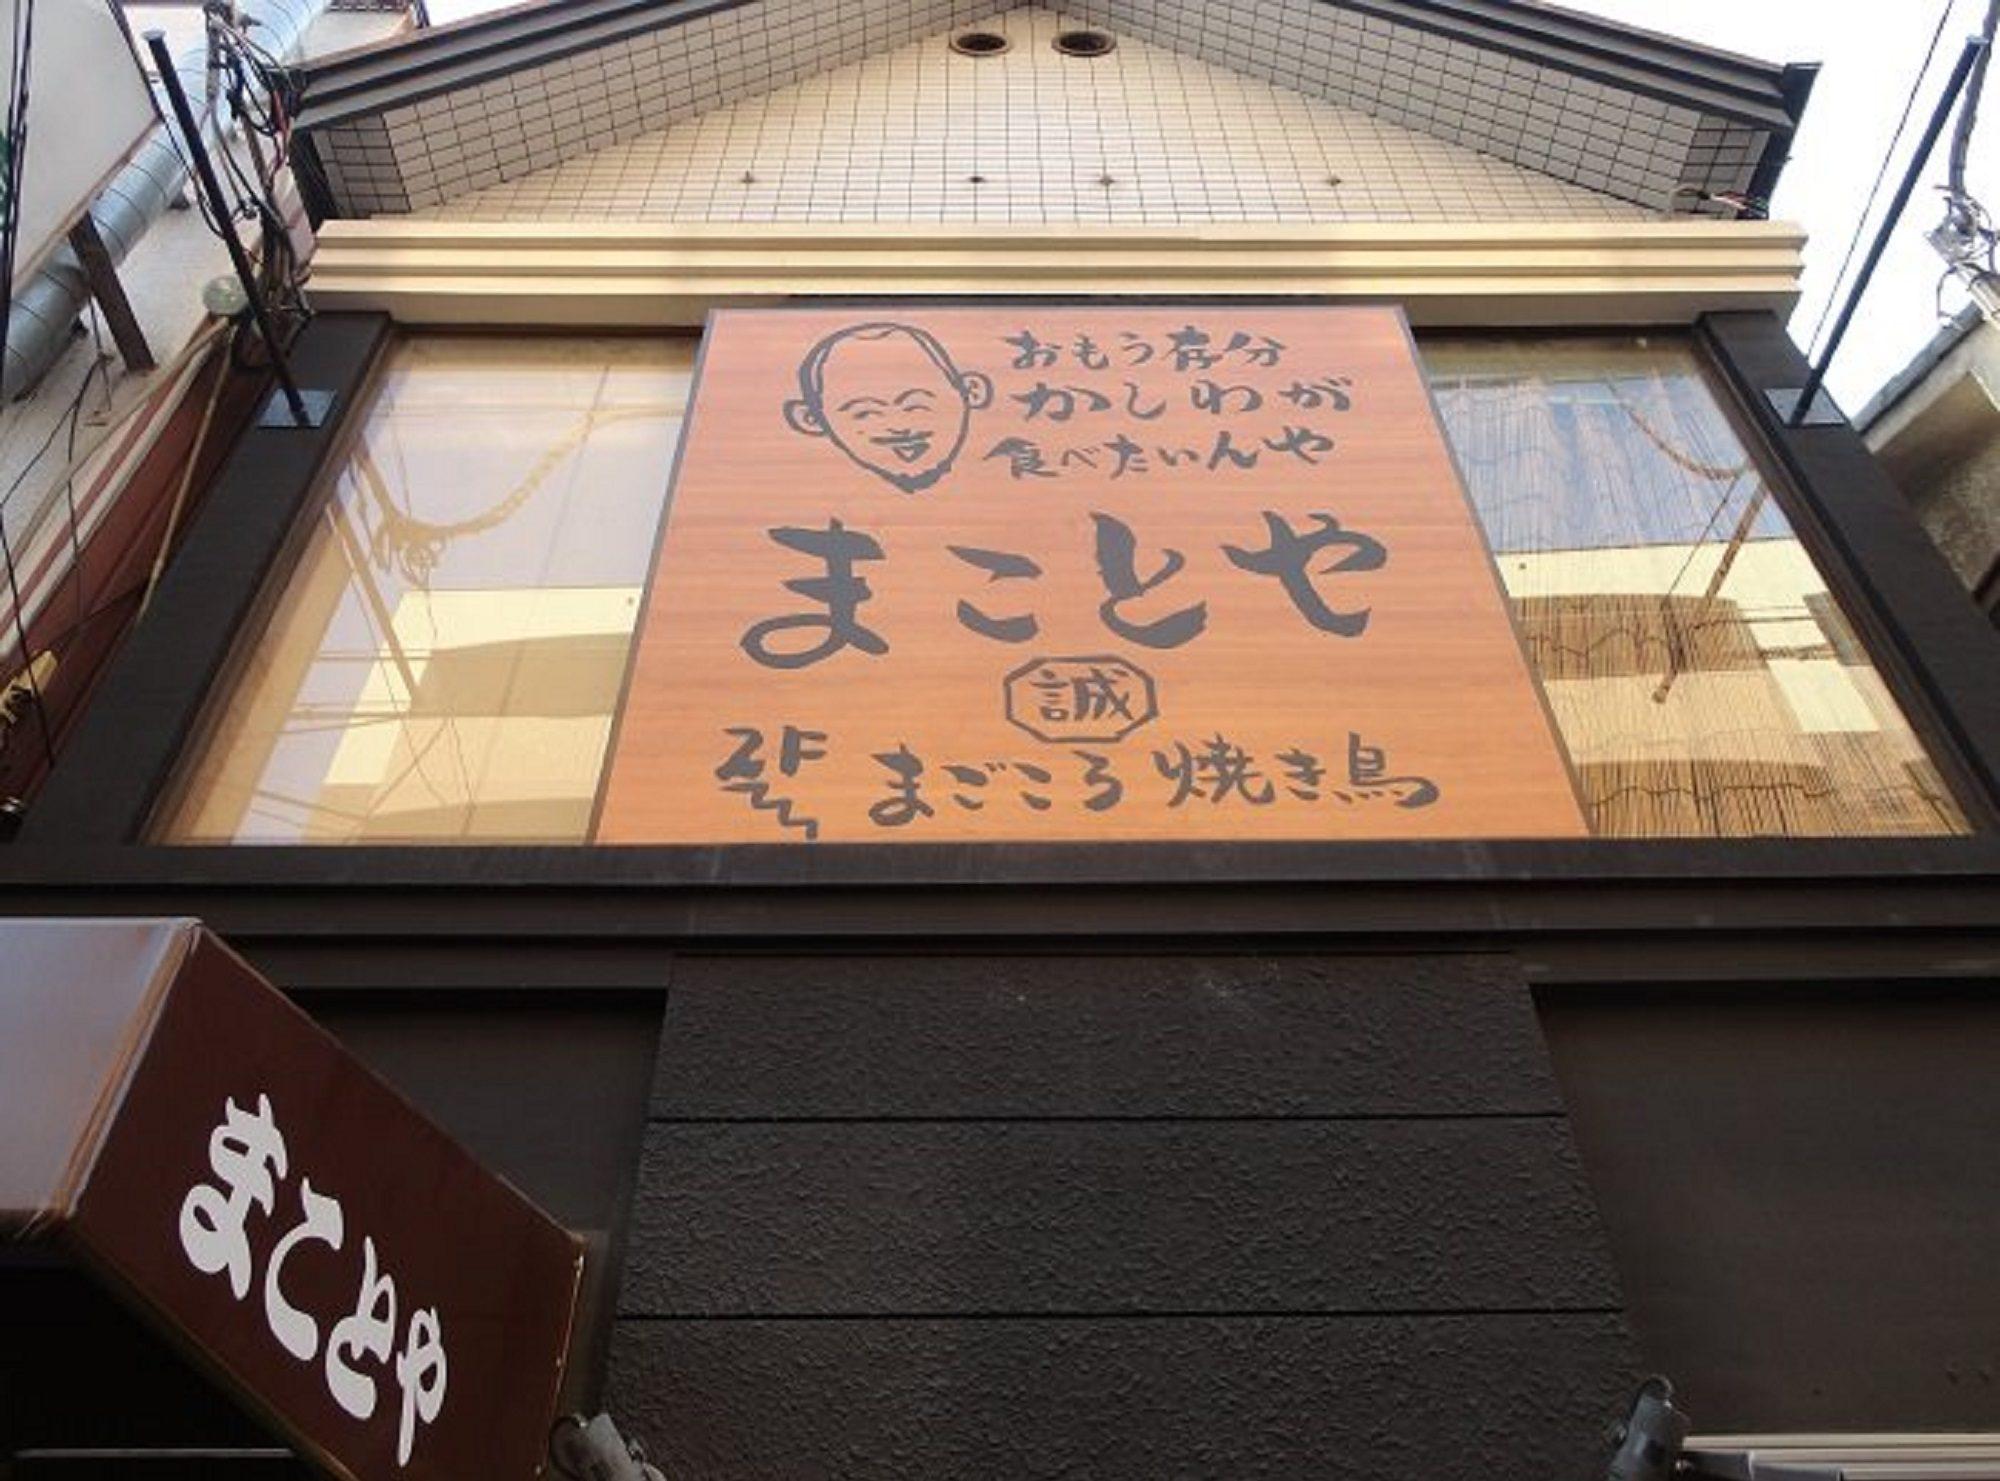 焼き鳥(飲食店)アドバイザーで元ボクシングトレーナー、漫画も書くという異色の焼き師、前田誠二の日記